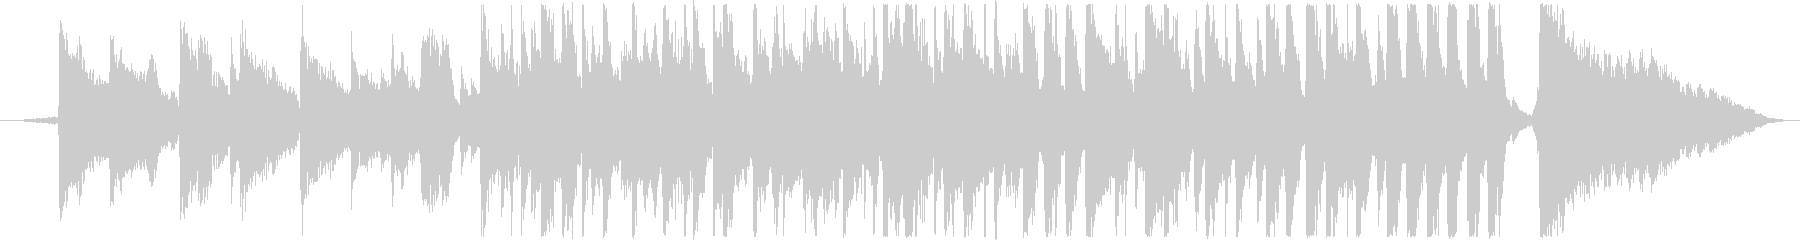 30秒CM用(JAZZ)の未再生の波形